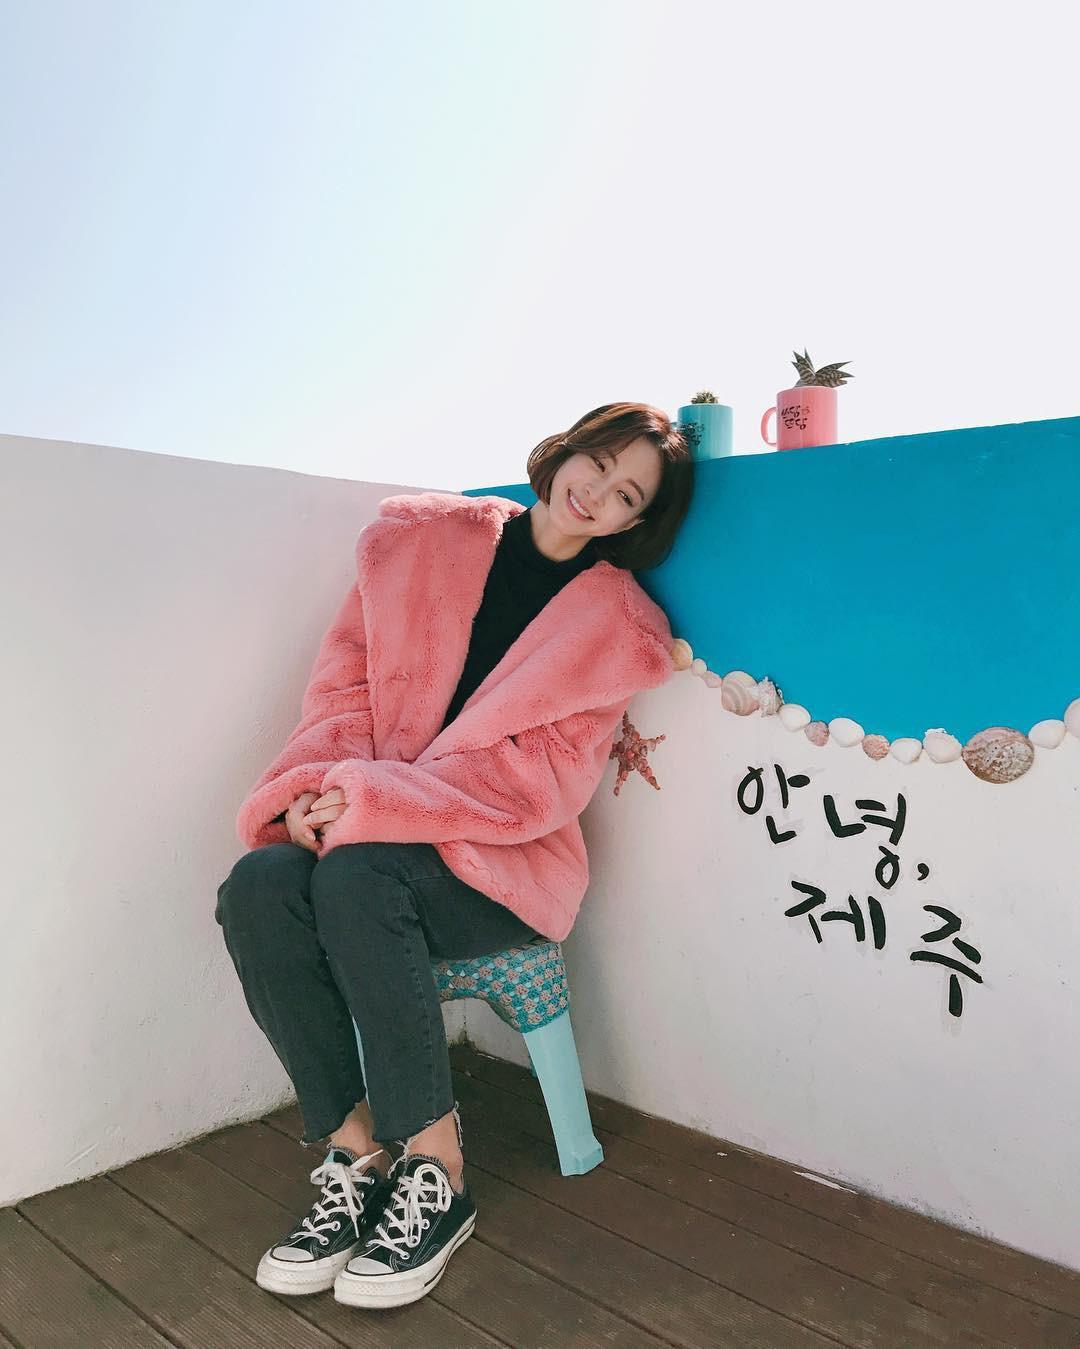 35 tuổi ế sưng nhưng Sa Jin Jin của 8X Chưa Yêu vẫn khiến người ta ghen tị vì tủ đồ hiệu quá xinh xắn - Ảnh 2.